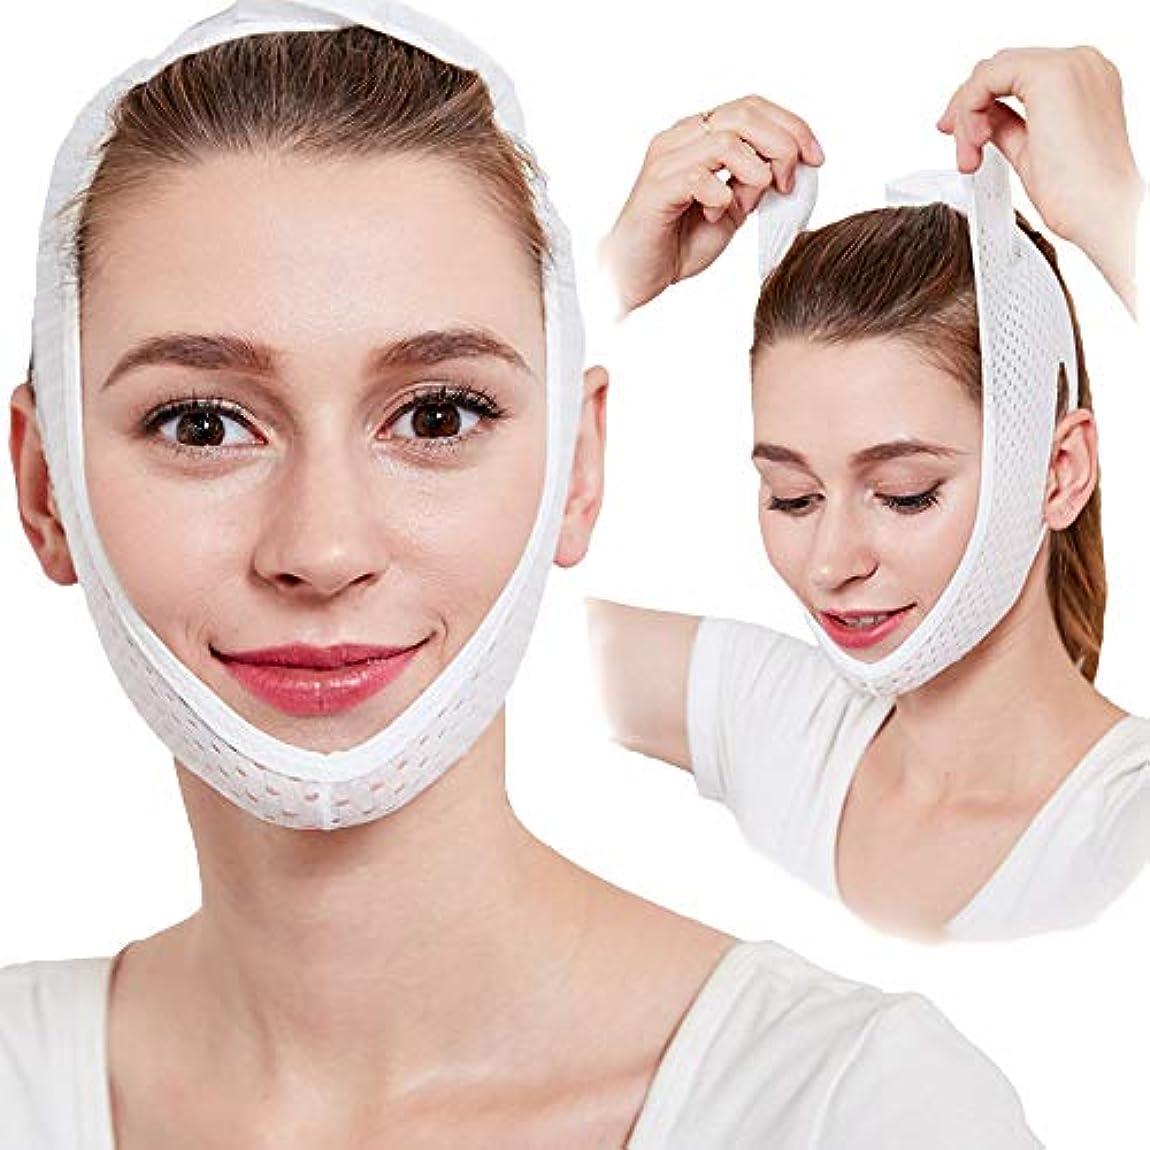 モチーフ寝具気づかない女性用フェイススリミングマスク、フェイシャル用フェイシャルスリミングマスク、Vラインチンチークリフトアップバンド用女性フェイシャルスリミングマスクスリミングバンデージダブルチンケア